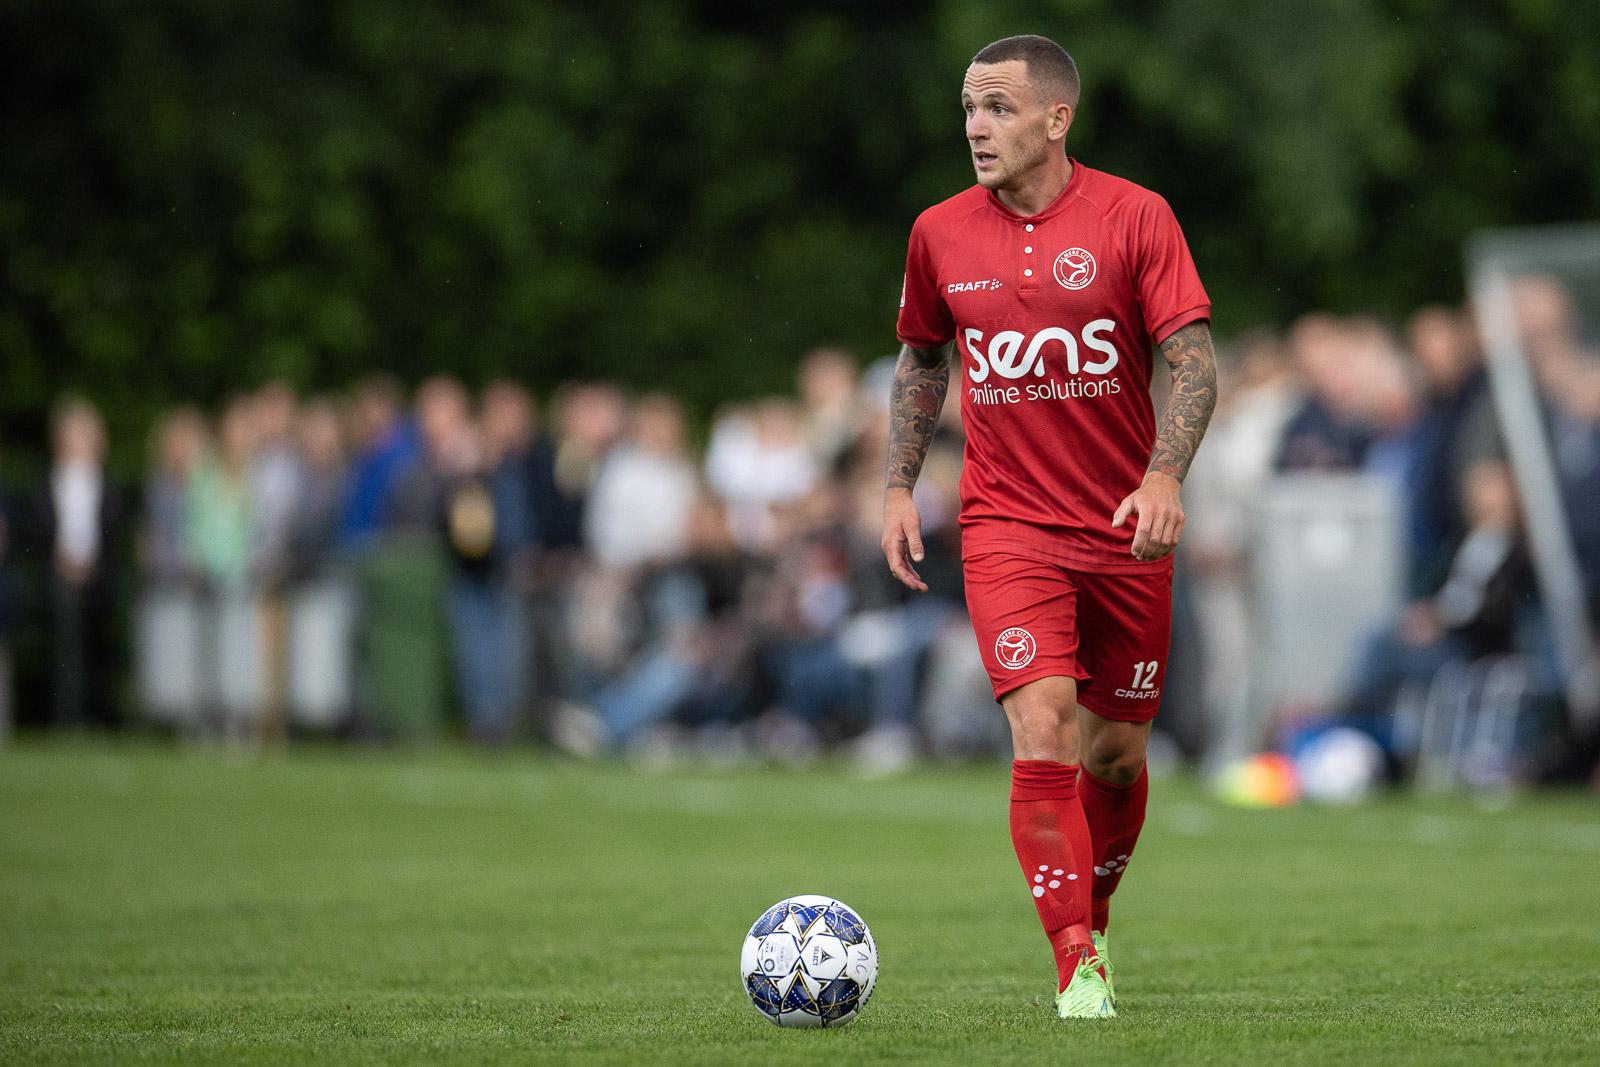 SenS Online Solutions en Almere City FC gaan voor 'driemaal is scheepsrecht'